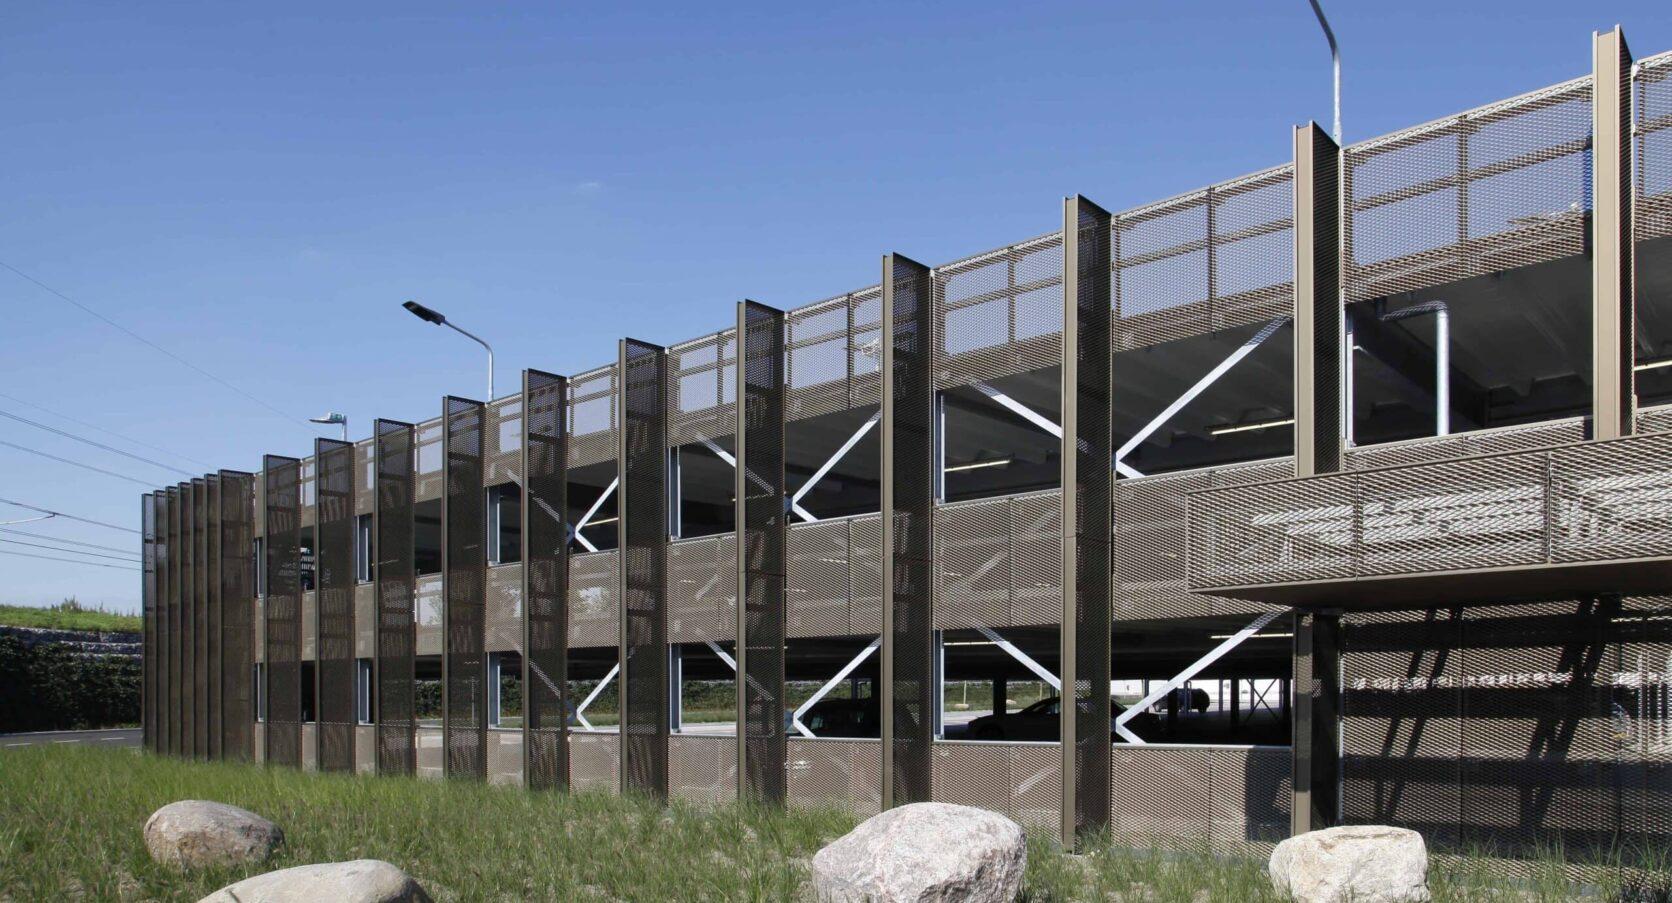 Parkeergarage in Roosendaal voorzien van een strekmetalen gevelbekleding met open karakter voor voldoende ventilatie